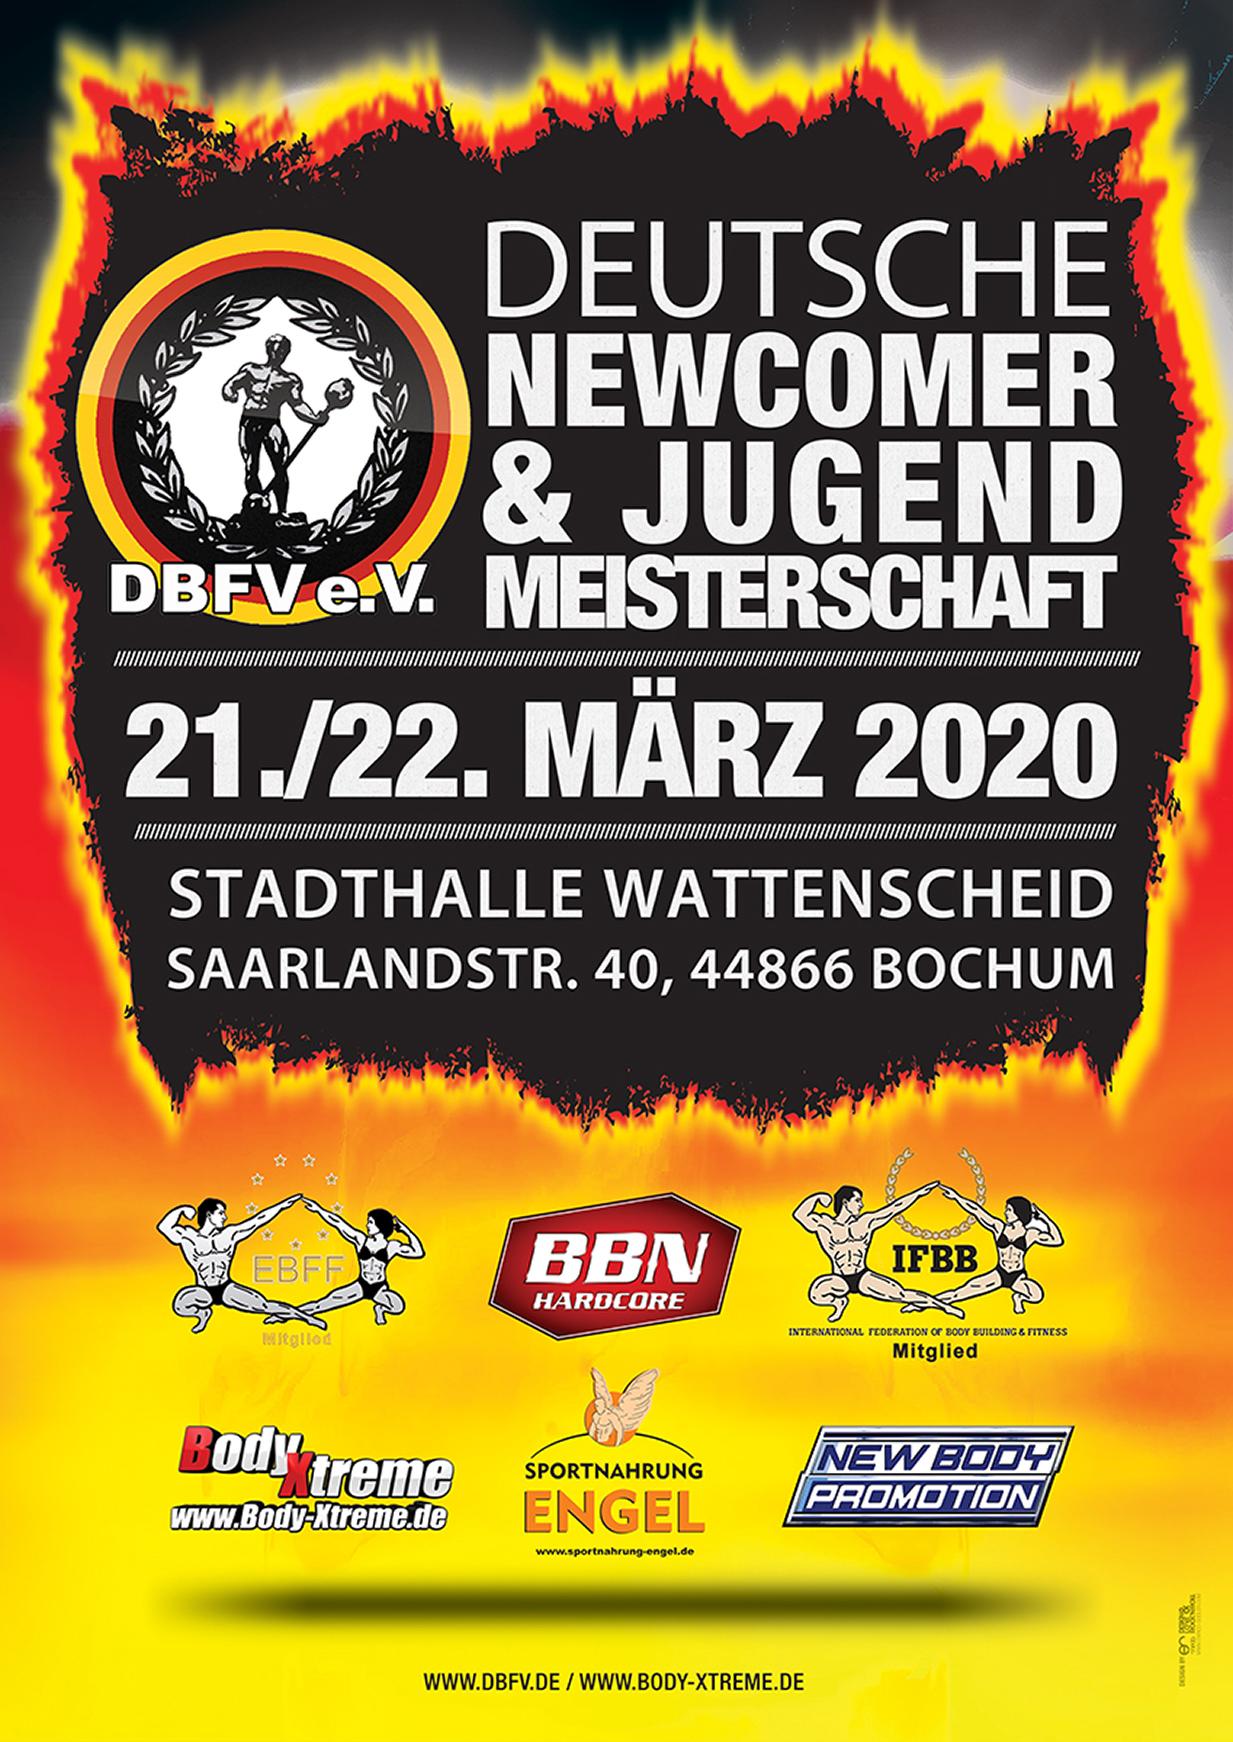 DEUTSCHE NEWCOMER- UND JUGEND- MEISTERSCHAFT 2020